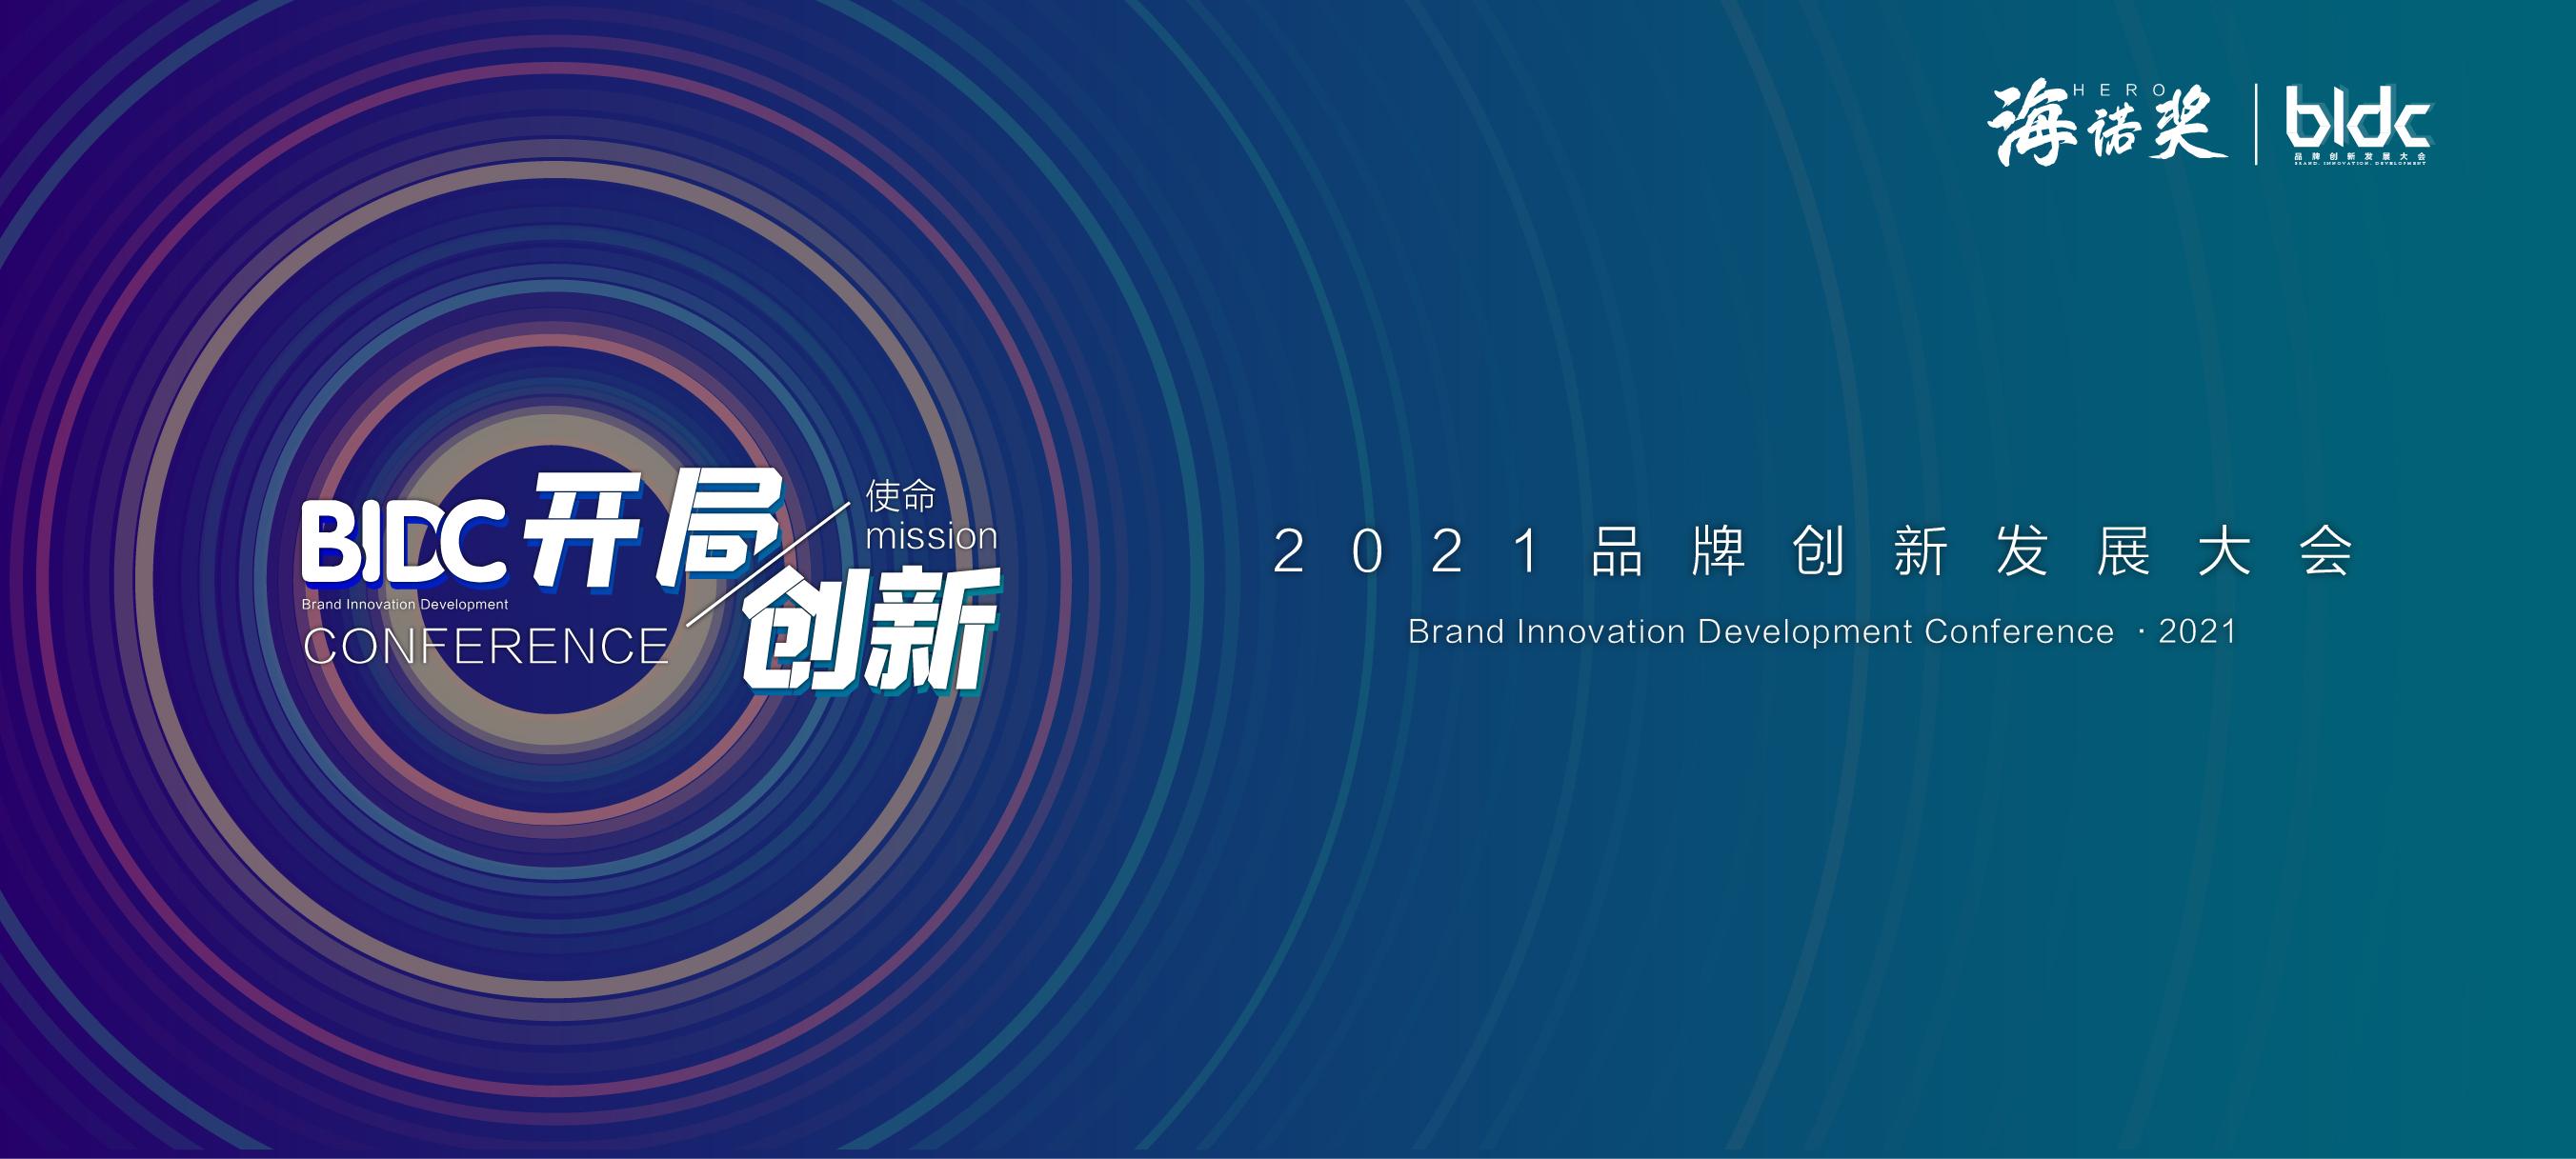 2021品创大会-02